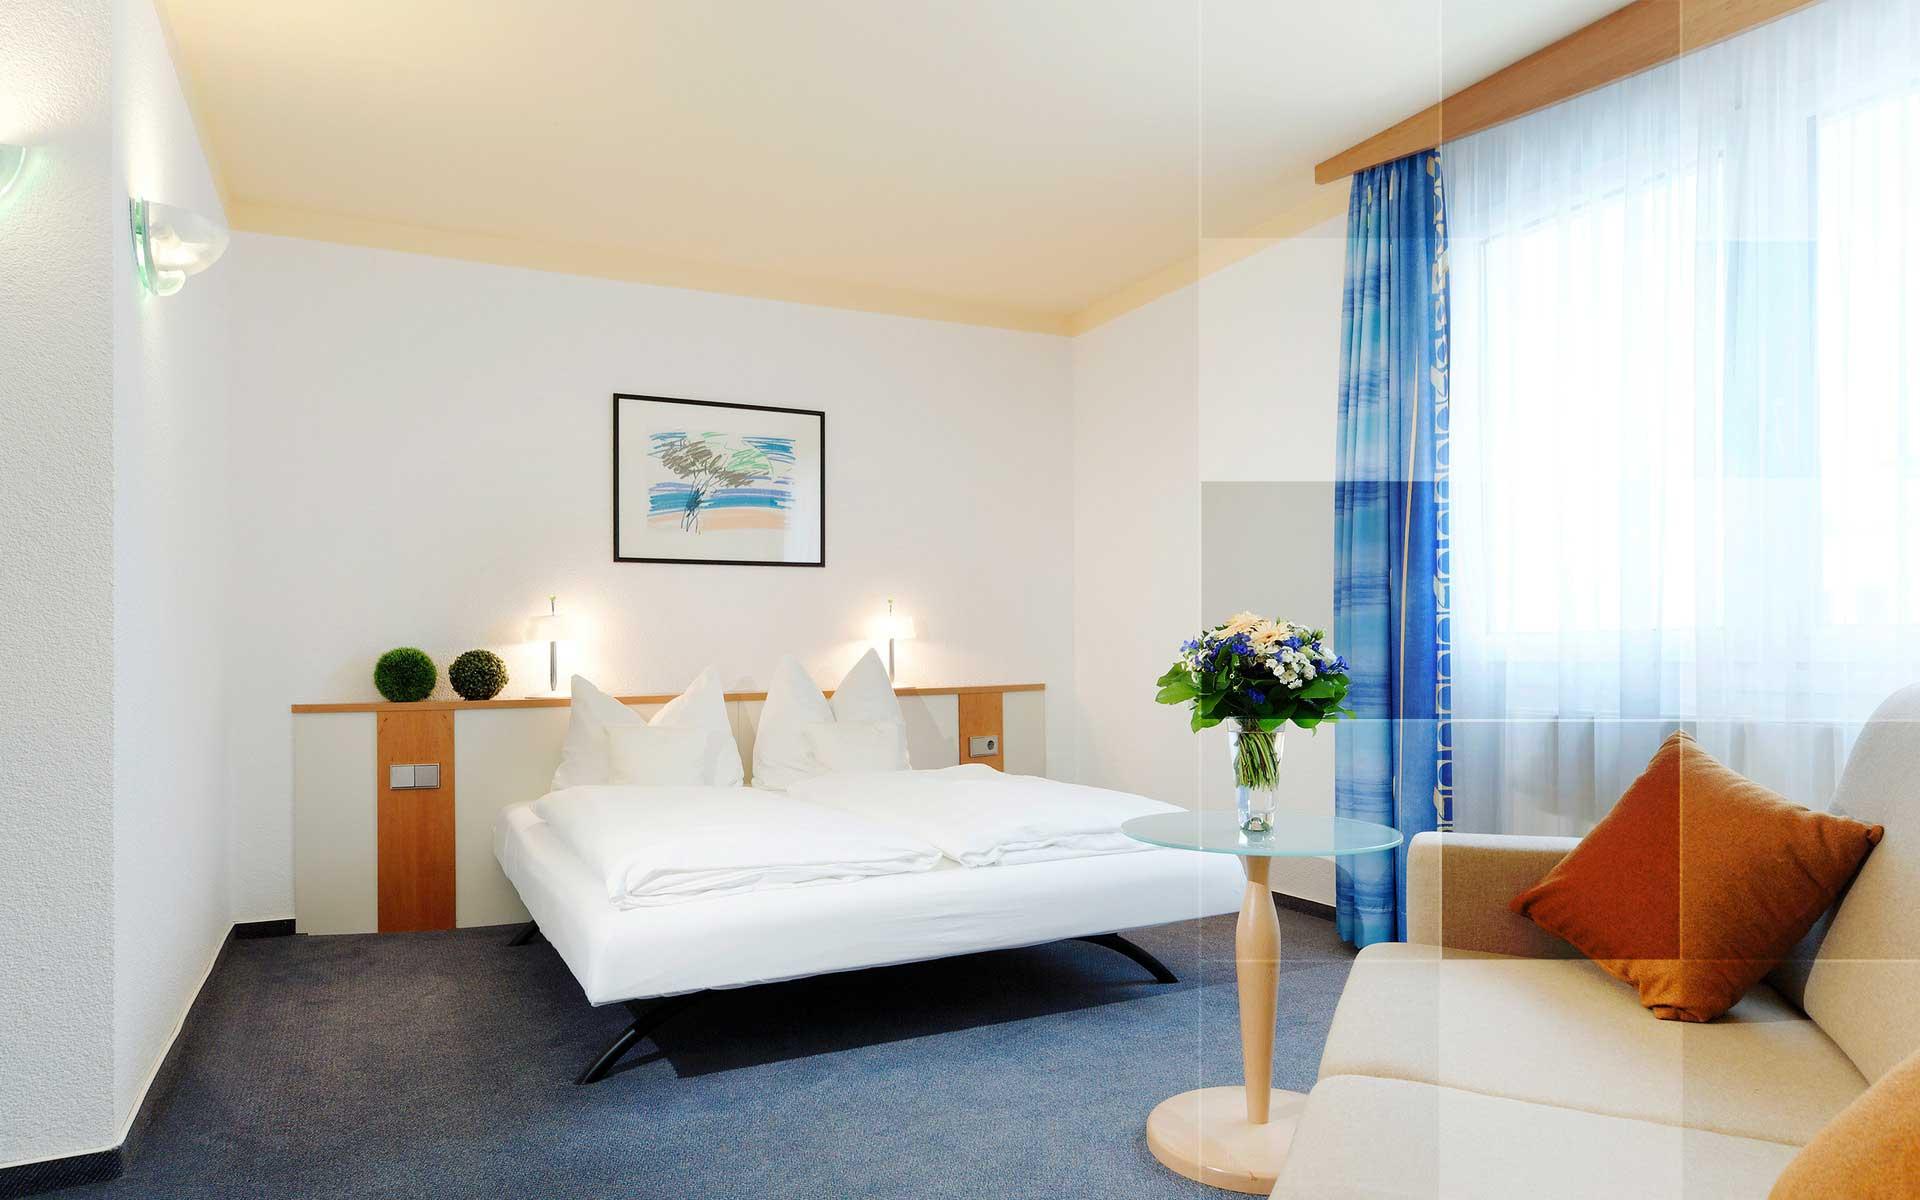 Ibis Hotel Metzingen